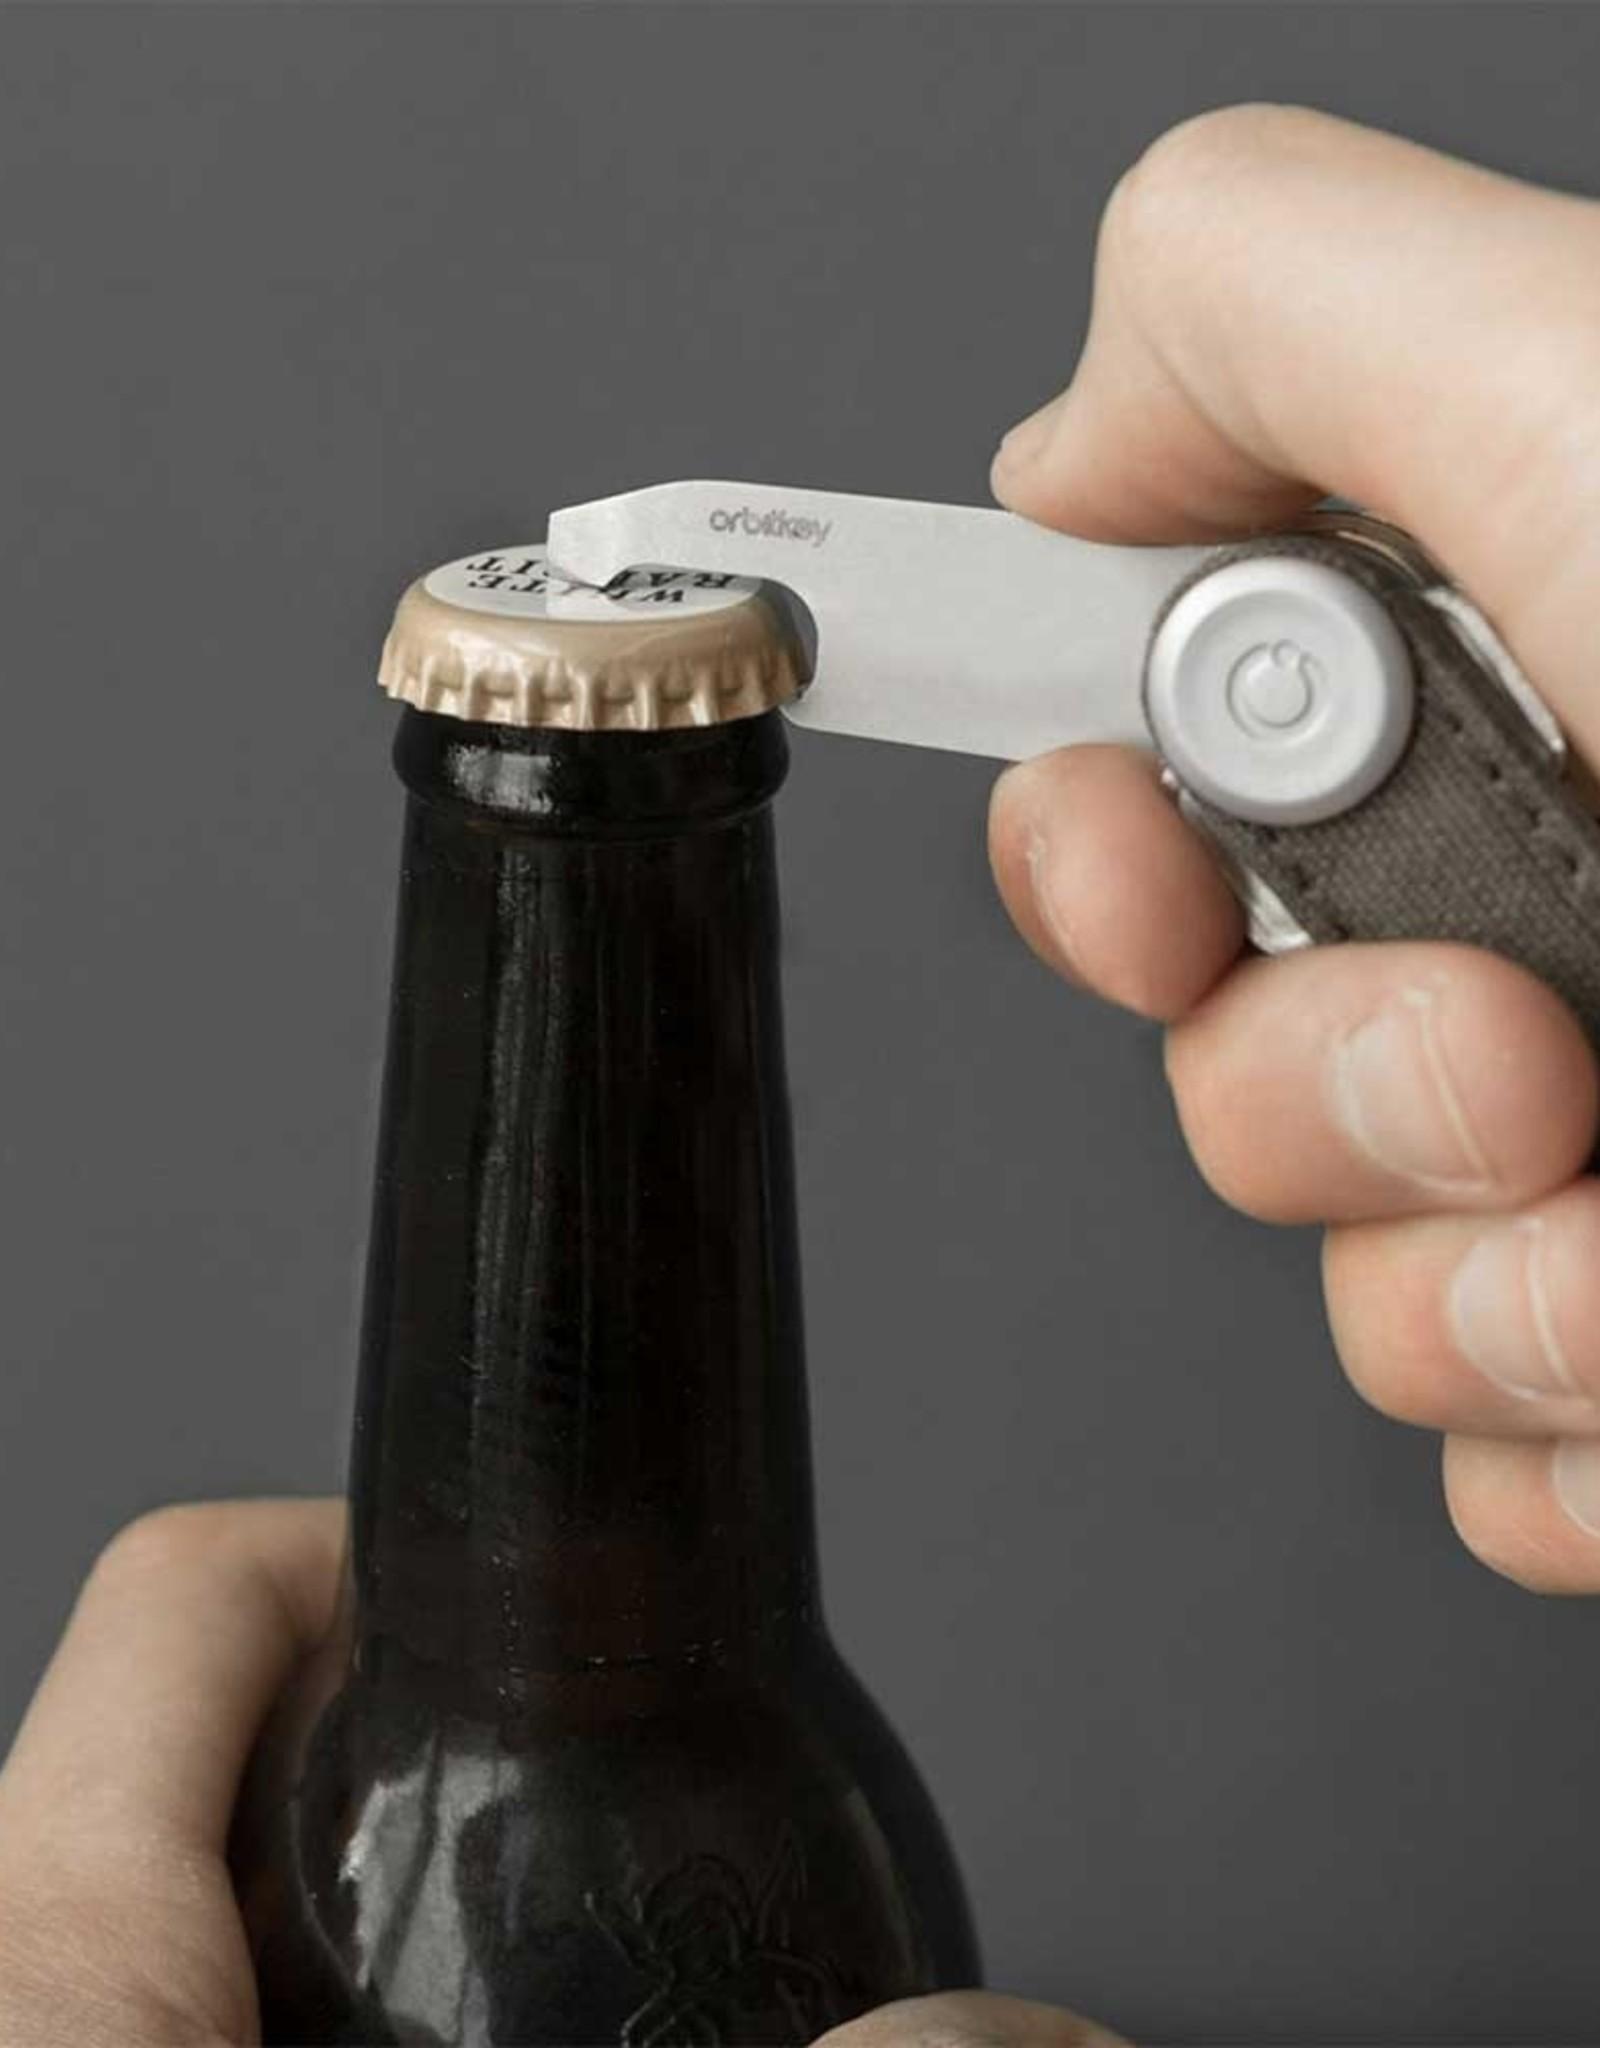 Orbitkey Orbitkey - Bottle opener